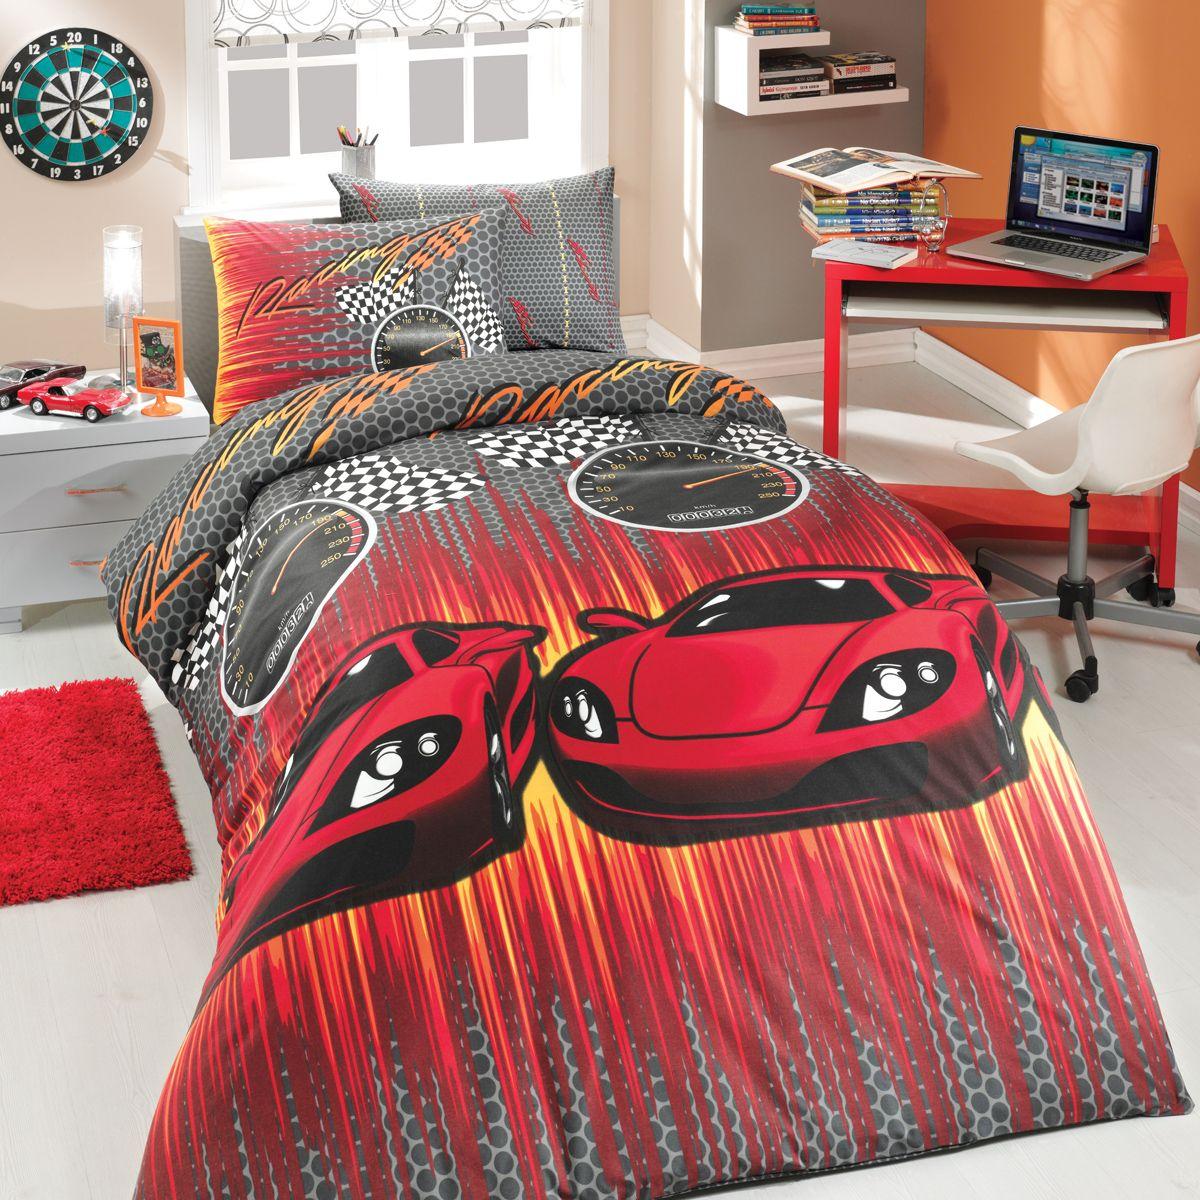 Комплект белья Hobby Home Collection Speed, 1,5-спальный, наволочки 50x70, 70x70, цвет: красный531-105Комплект постельного белья Hobby Home Collection Speed изготовлен из ранфорса и хлопка. Постельное белье имеет привлекающий внешний вид.Благодаря такому комплекту постельного белья вы сможете создать атмосферу уюта и комфорта в вашей спальне.